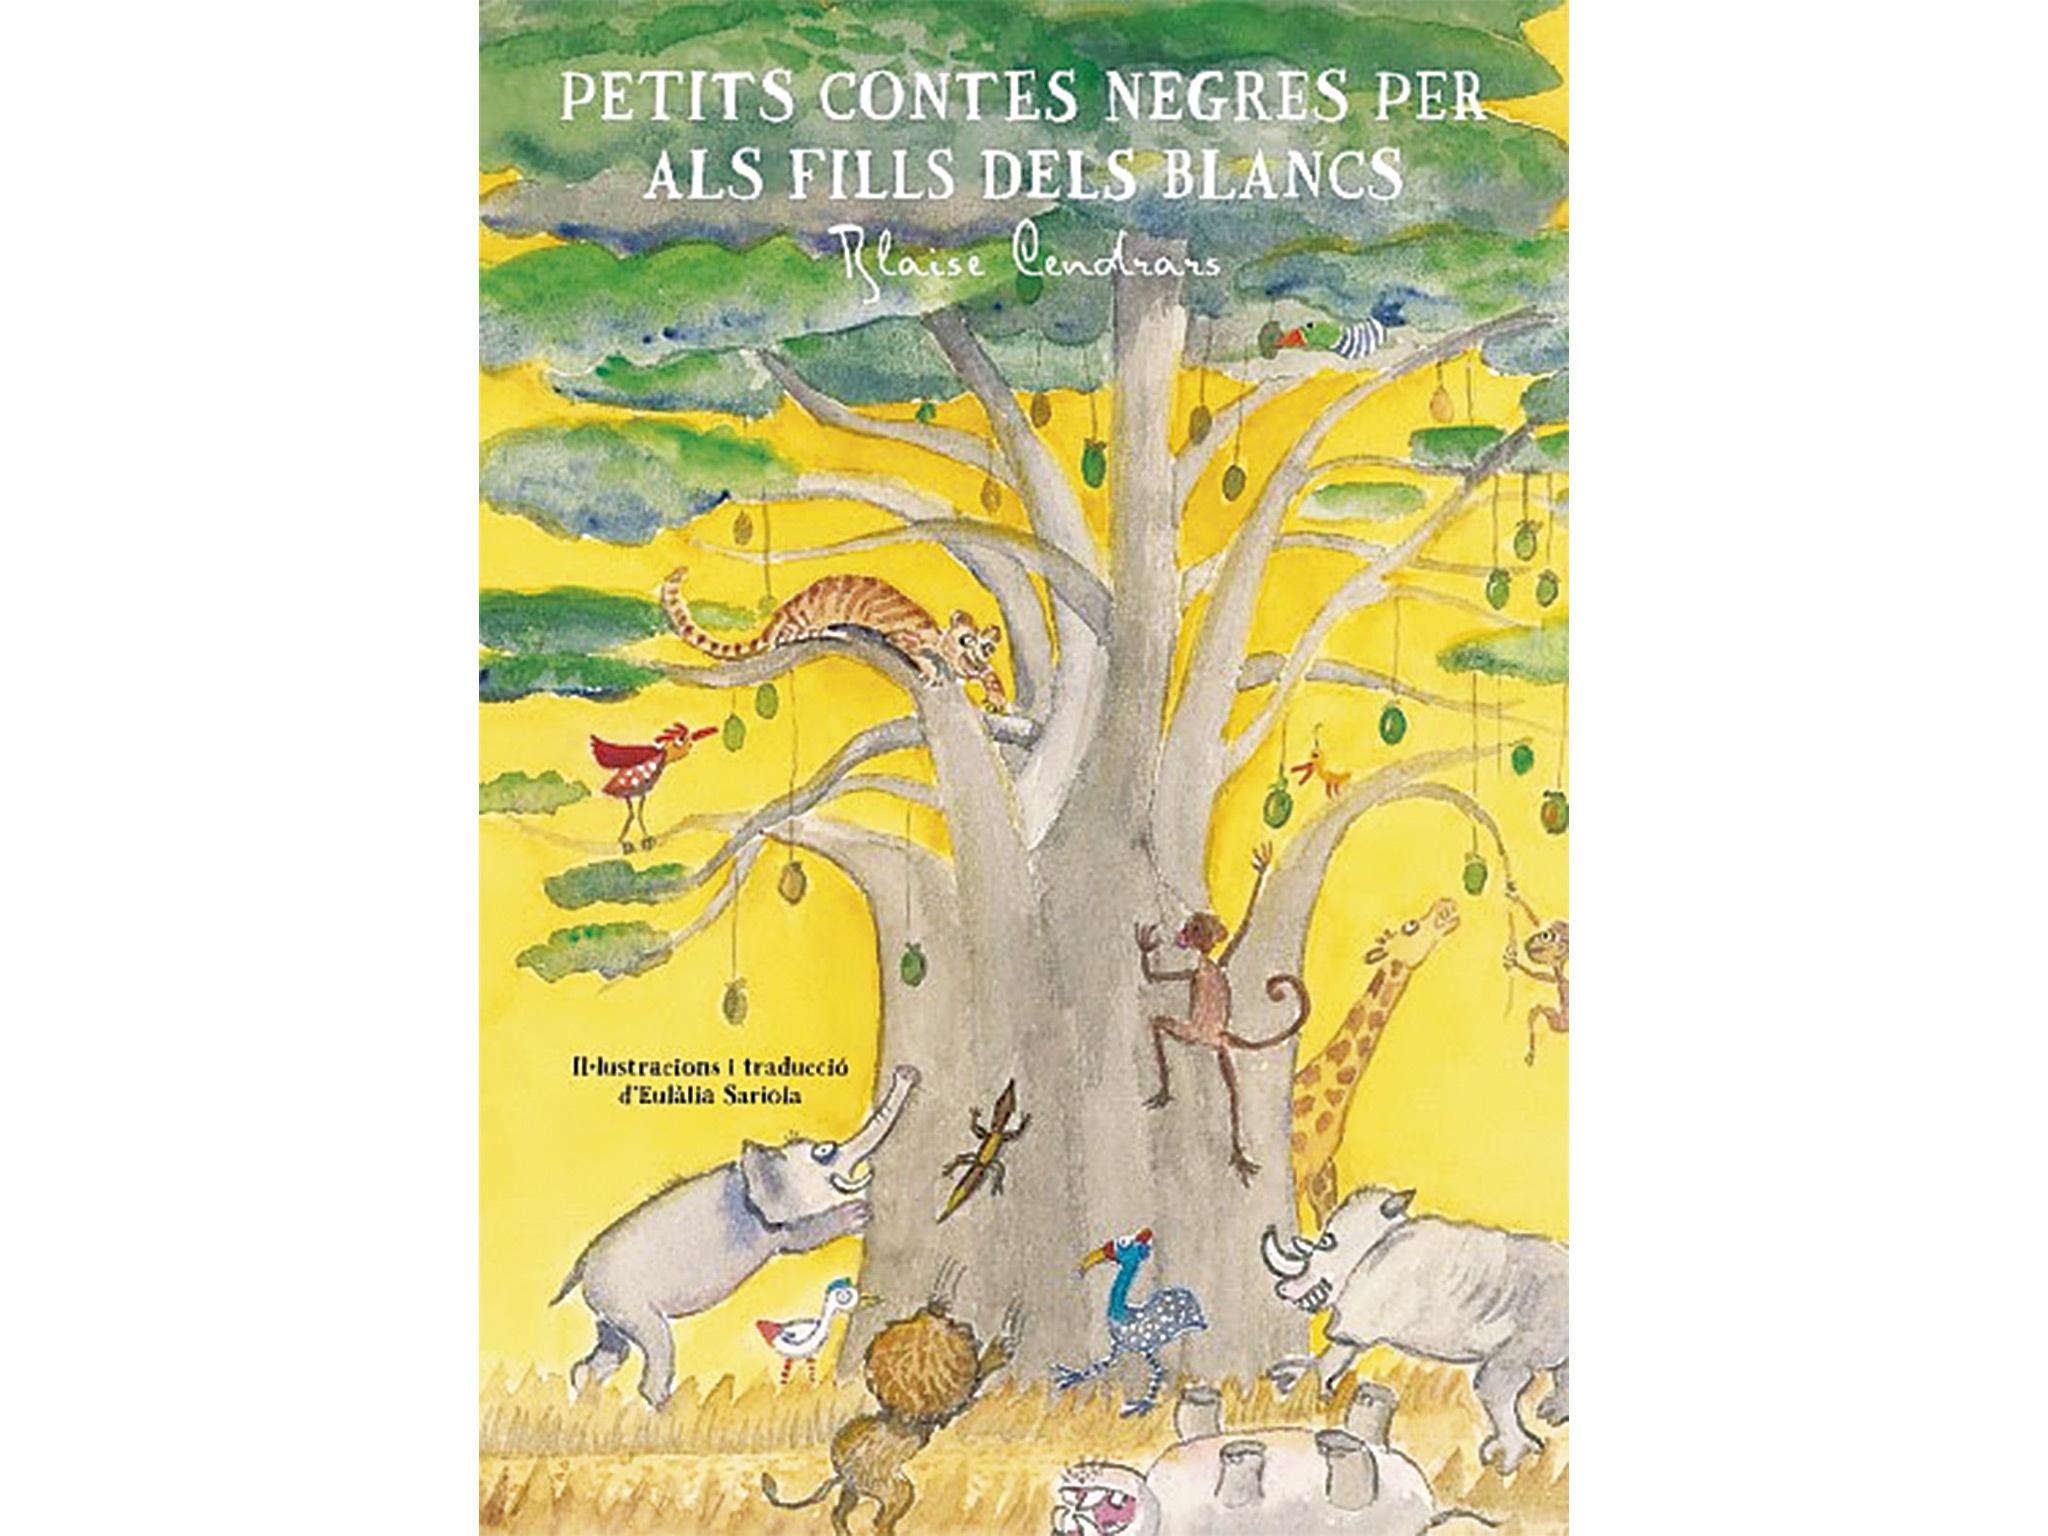 Petits contes negres per als fills dels blancs